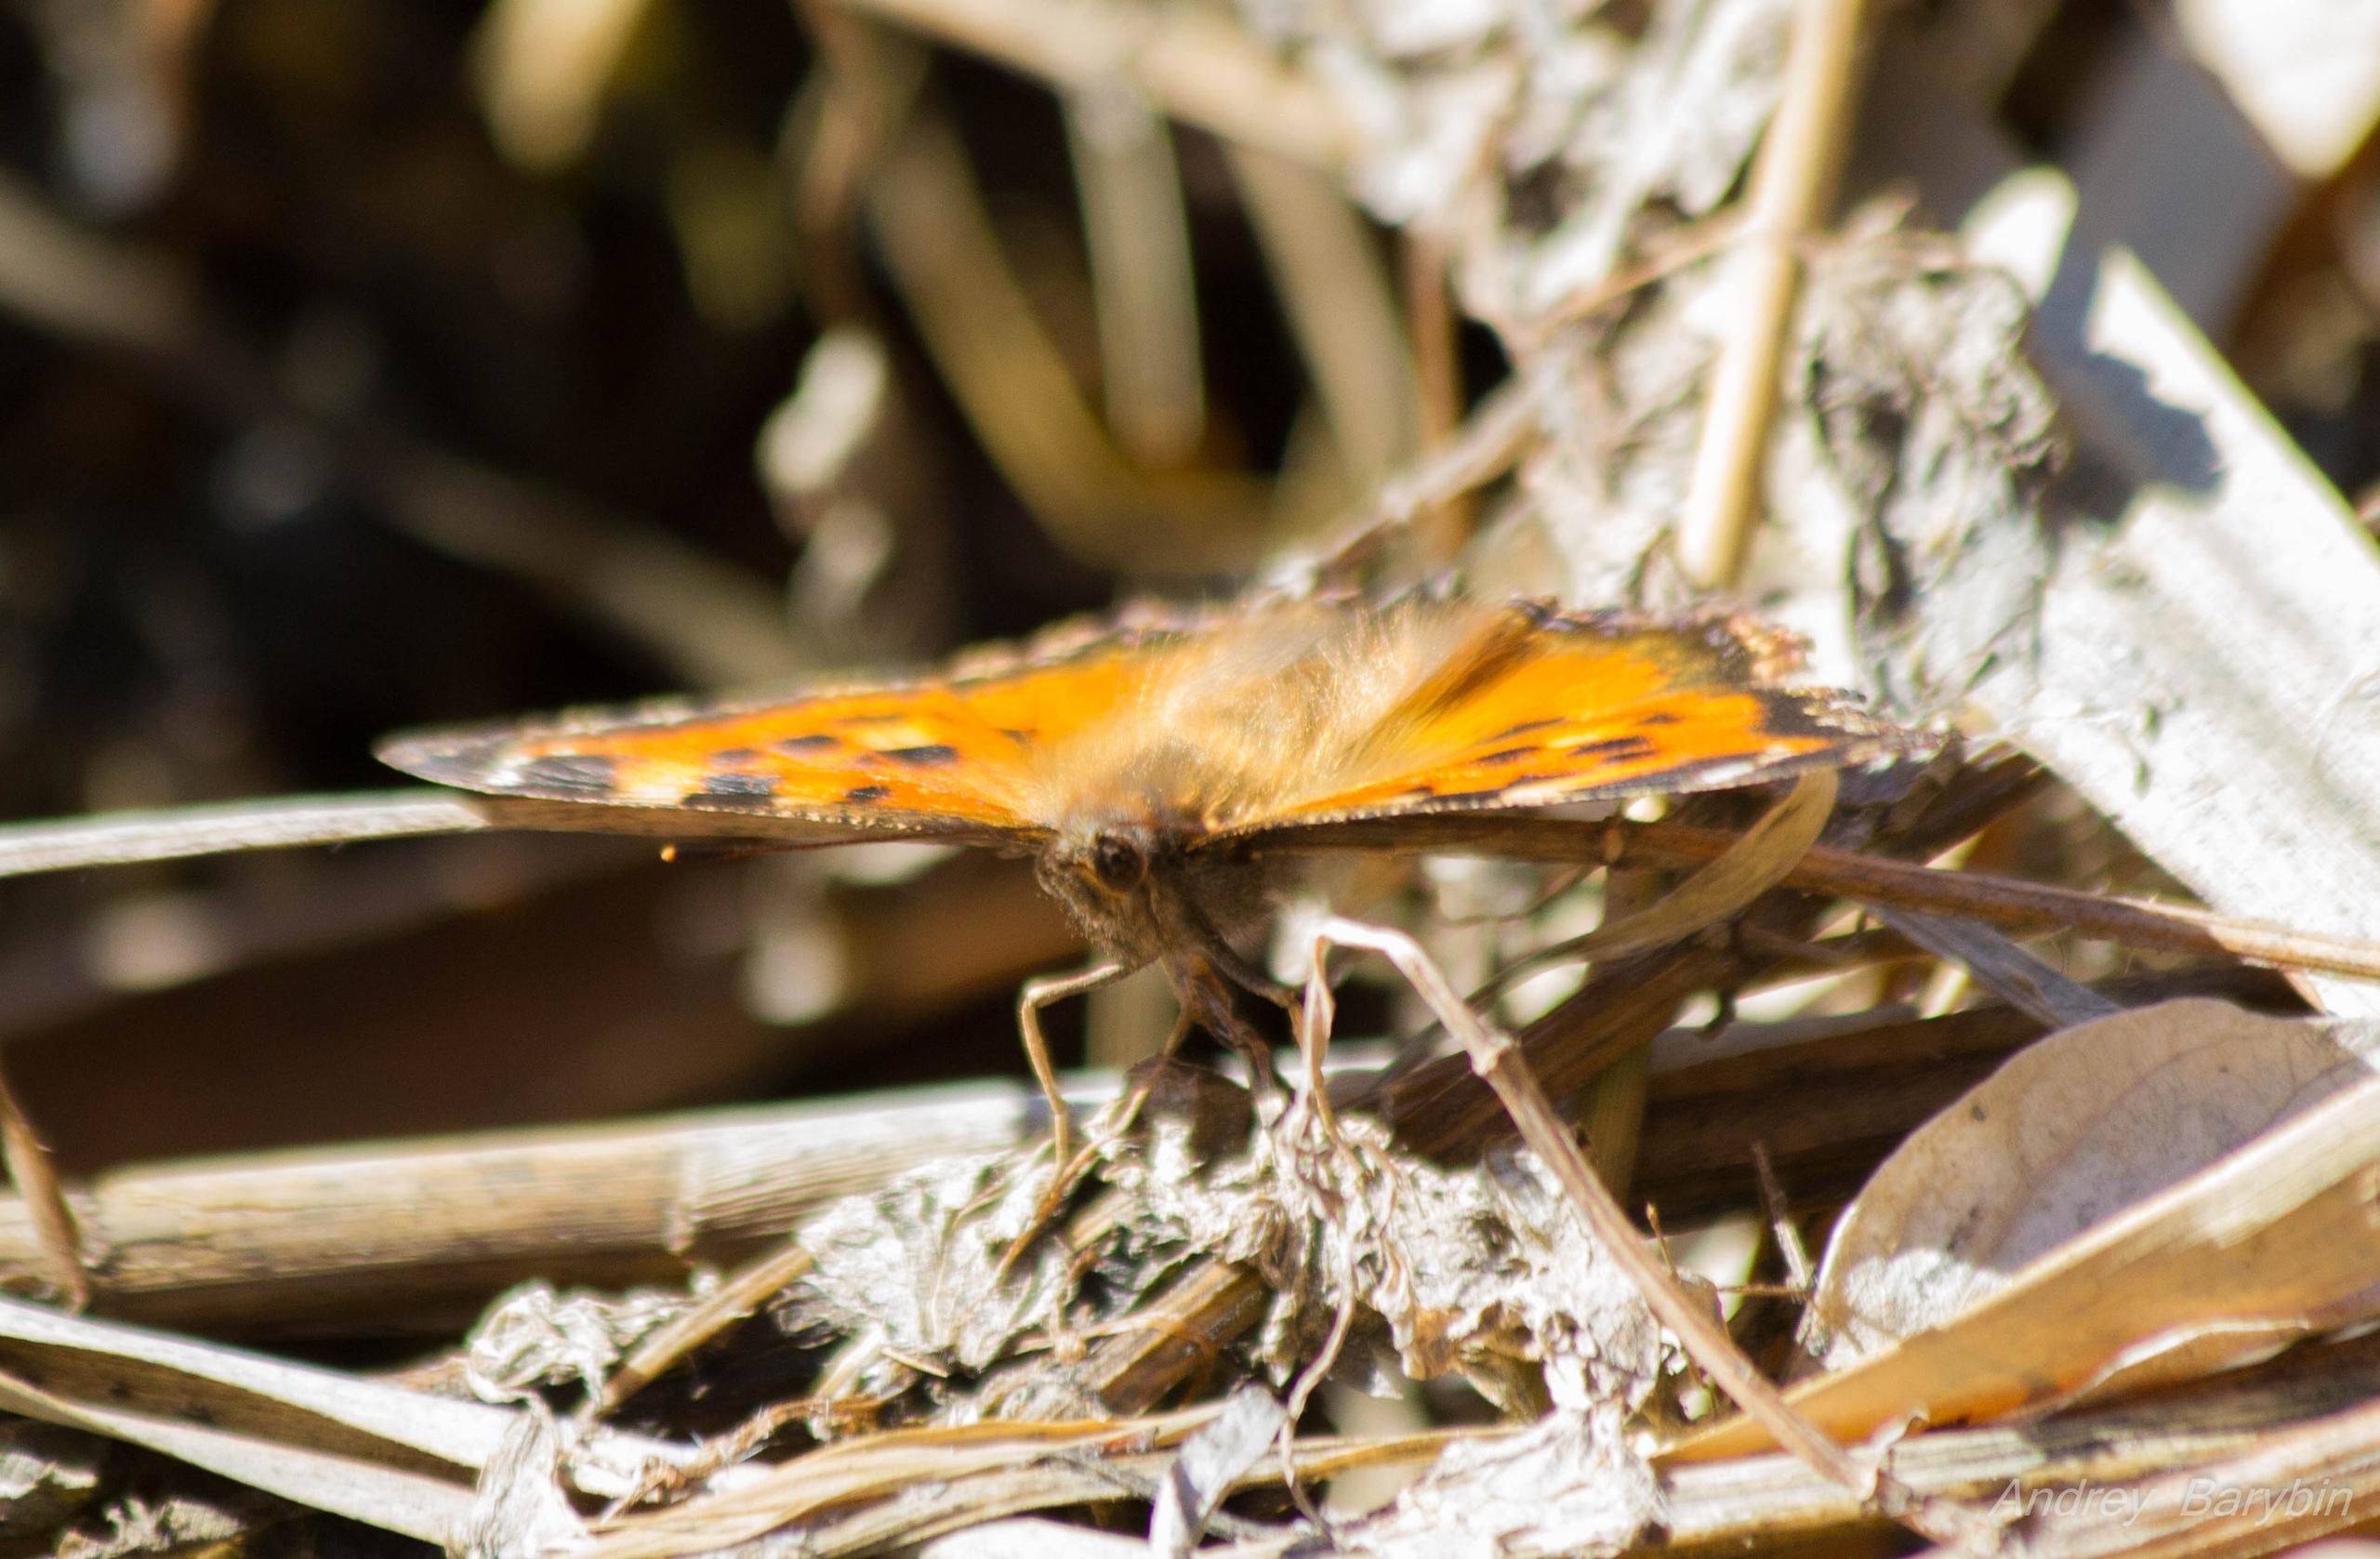 Кажется, бабочка до сих пор немного не в себе. Всё-таки пока на улице ещё холодно